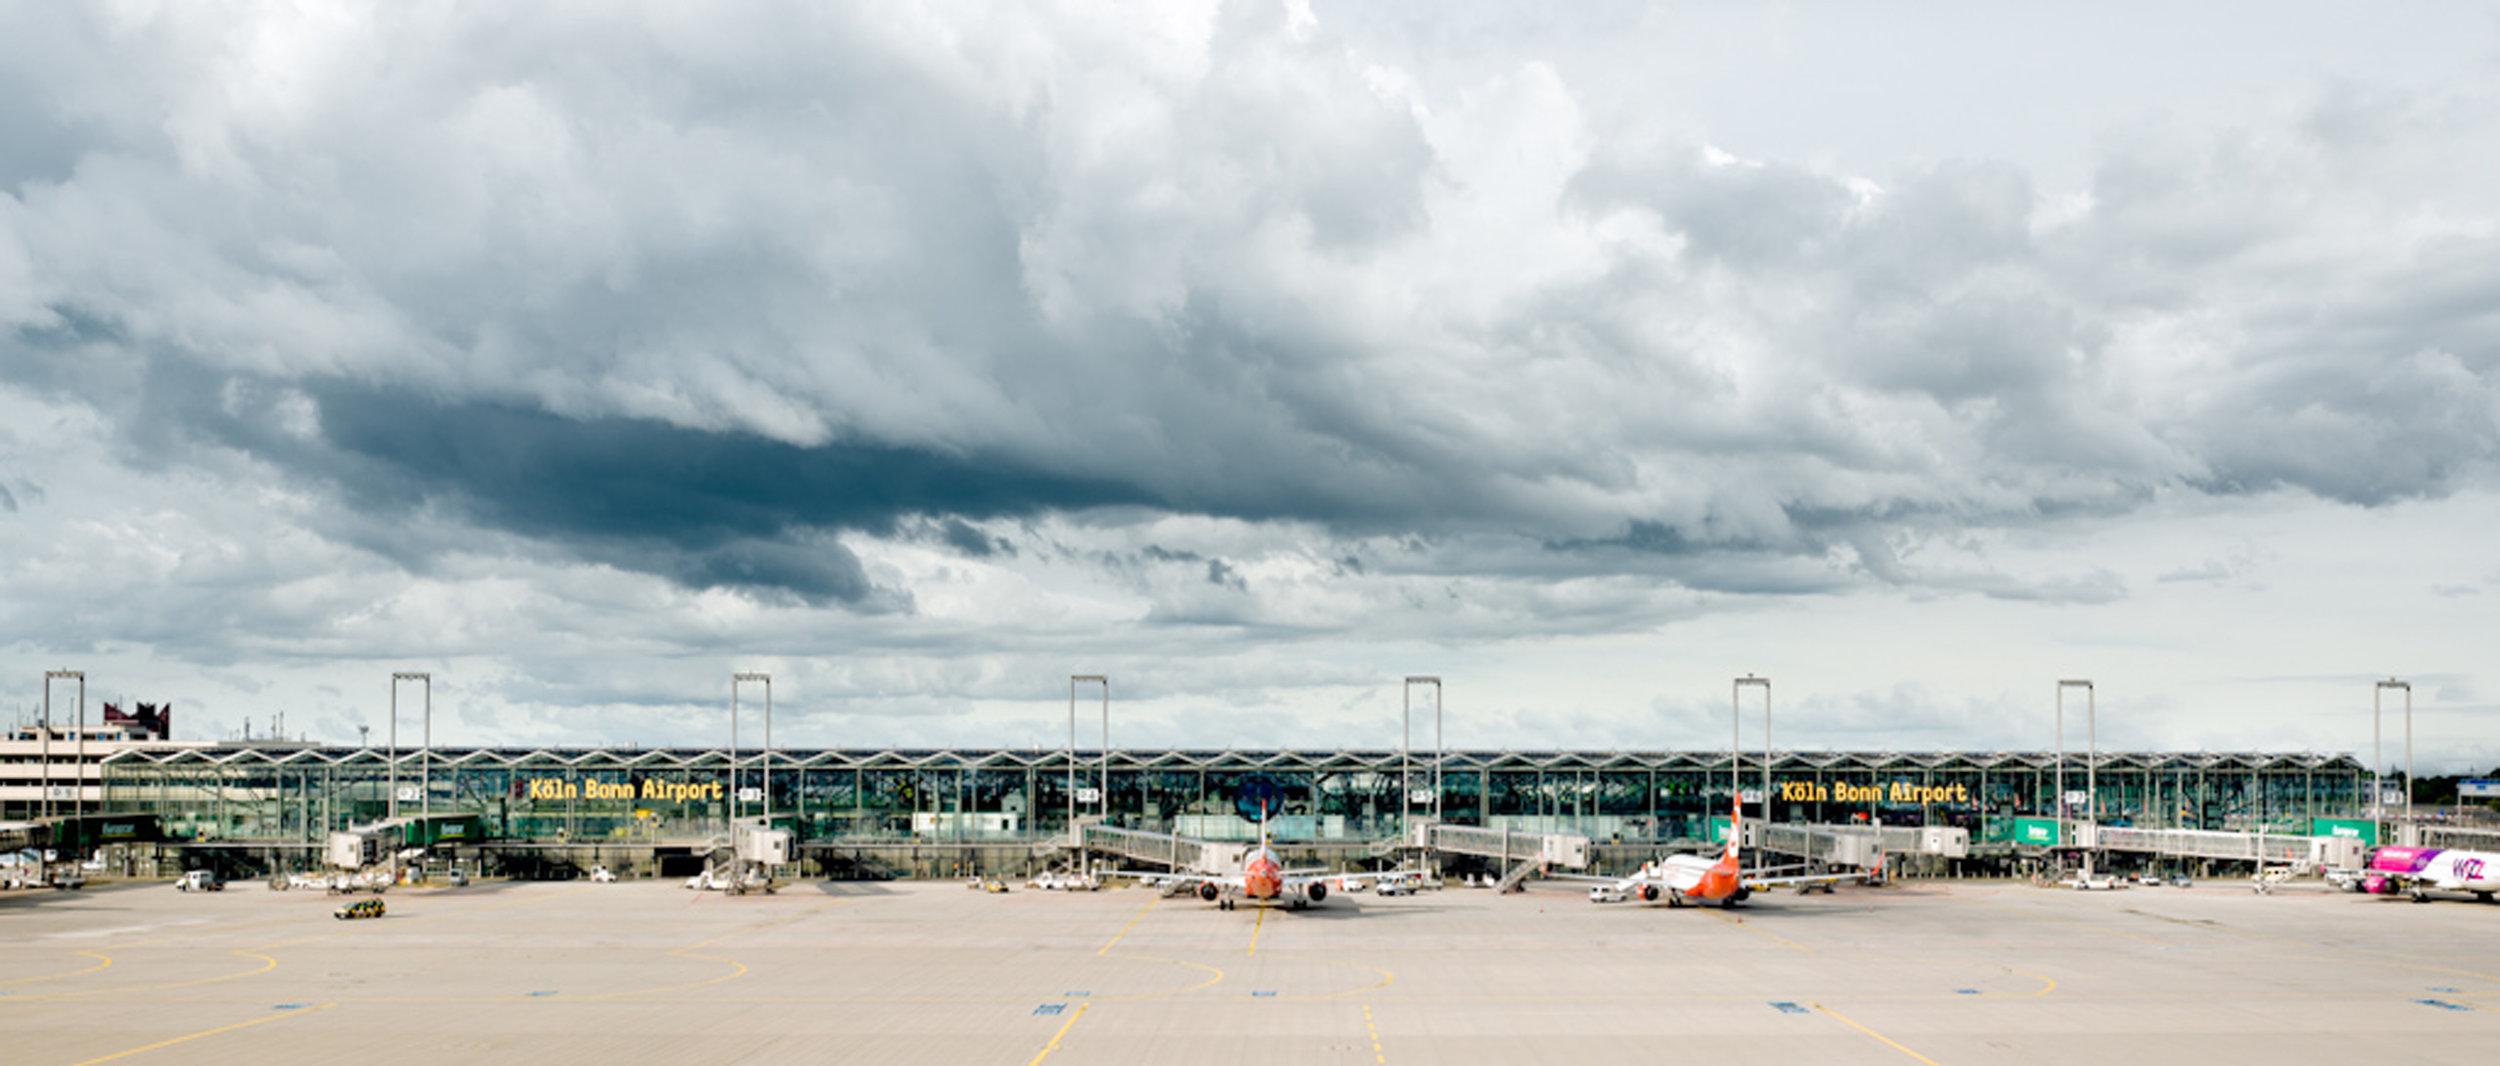 cgn-airport_18.jpg